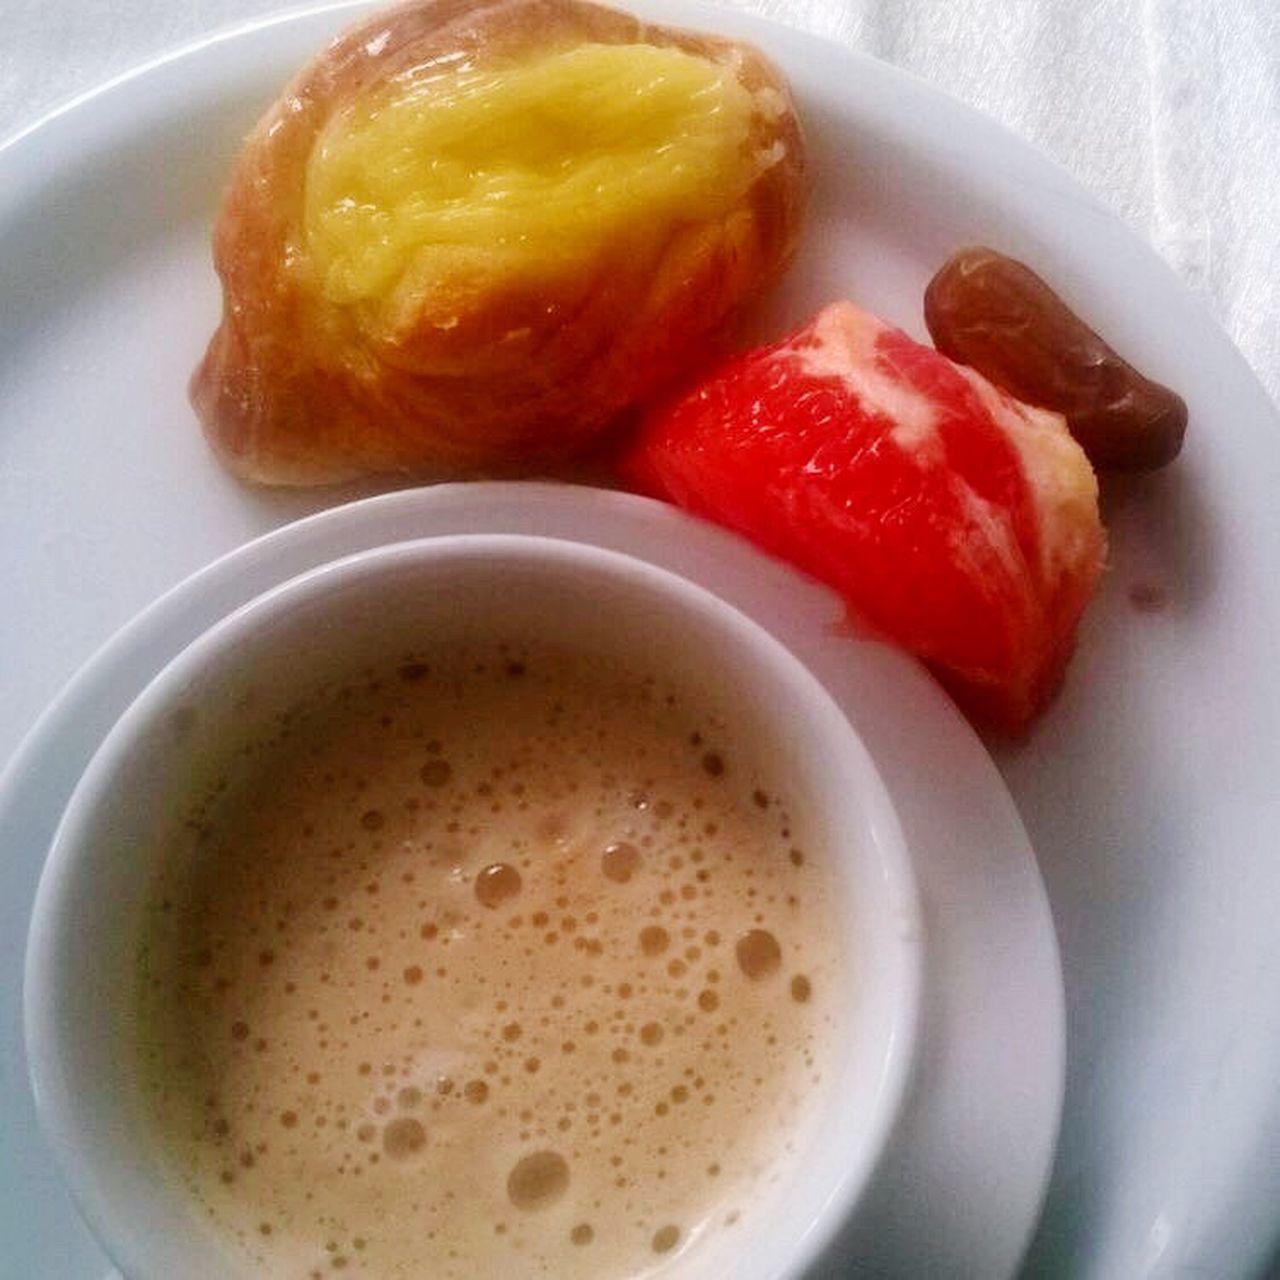 BreakfastTime  Dates Danish Pastry Grapfruit Cappuccino Hotel Breakfast Pink Grapefruit Froth Breakfast